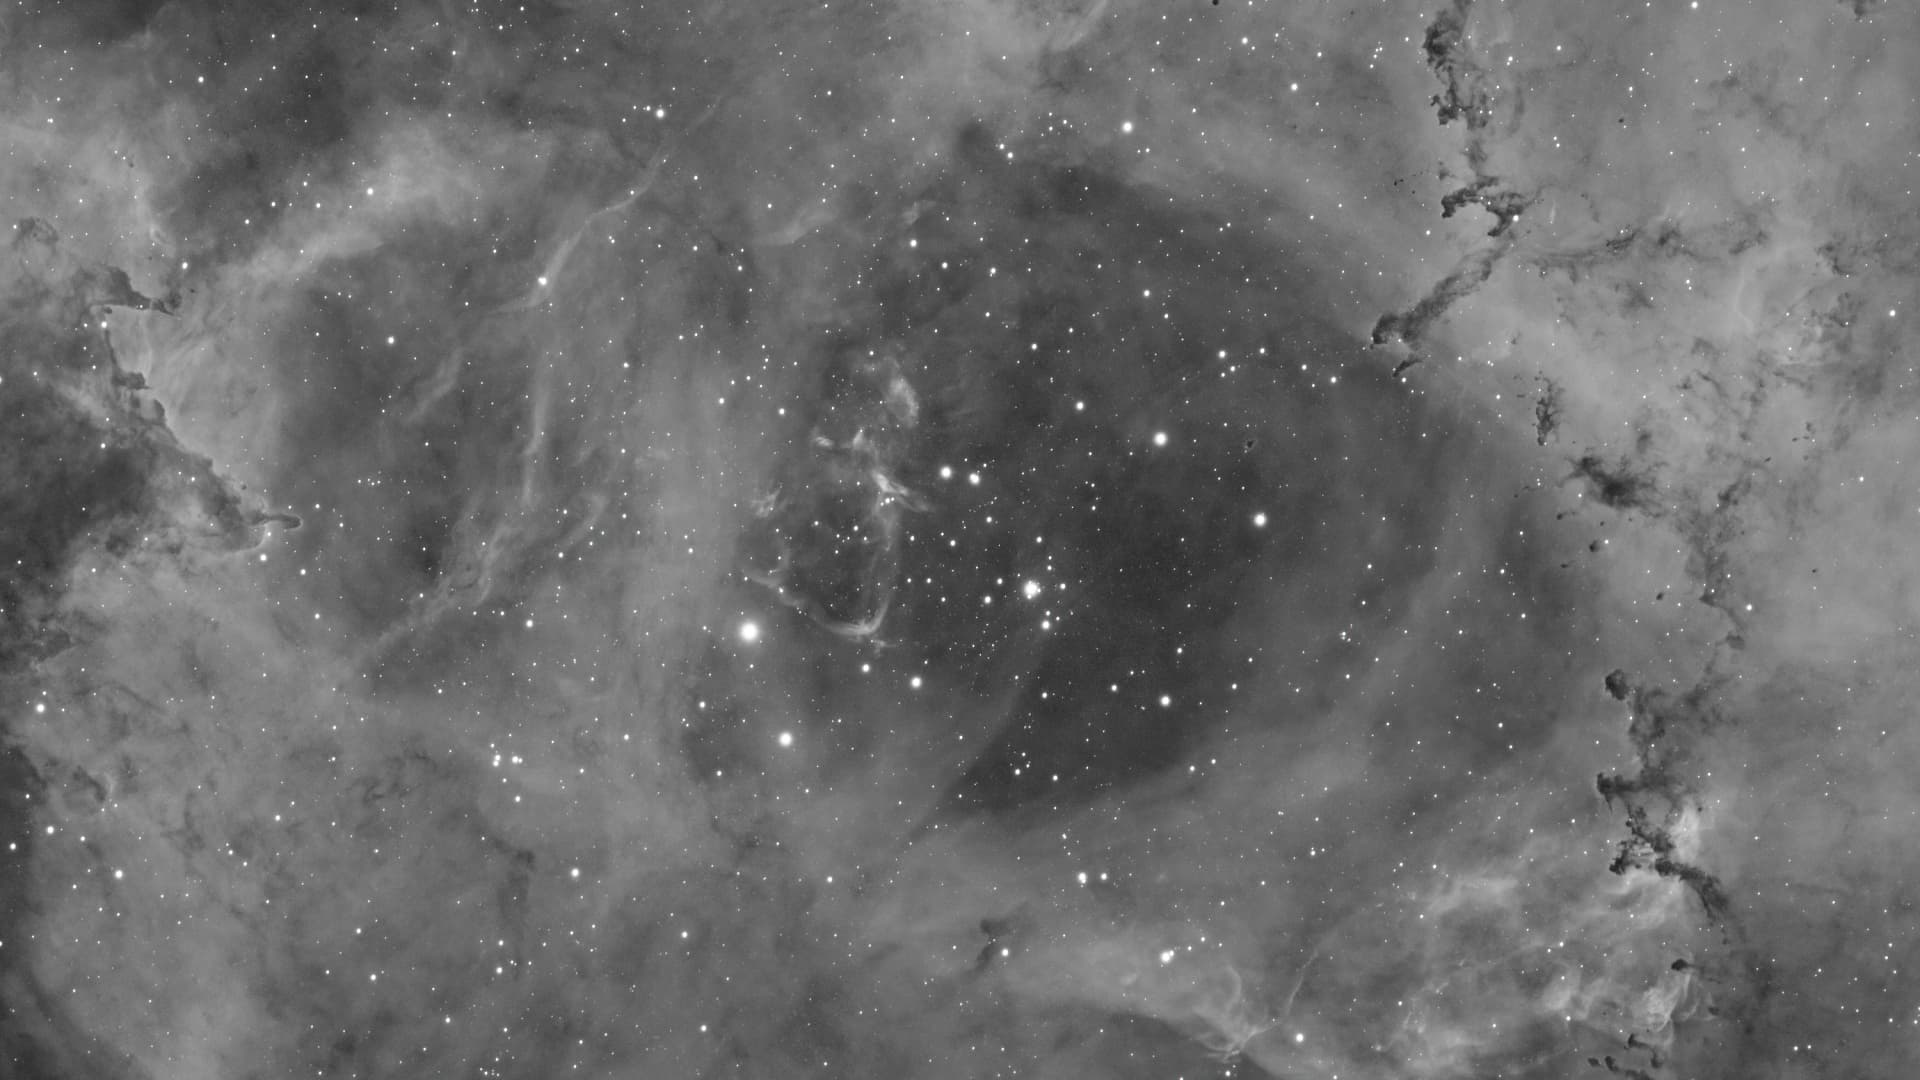 NGC 2244 im H-Alpha-Licht